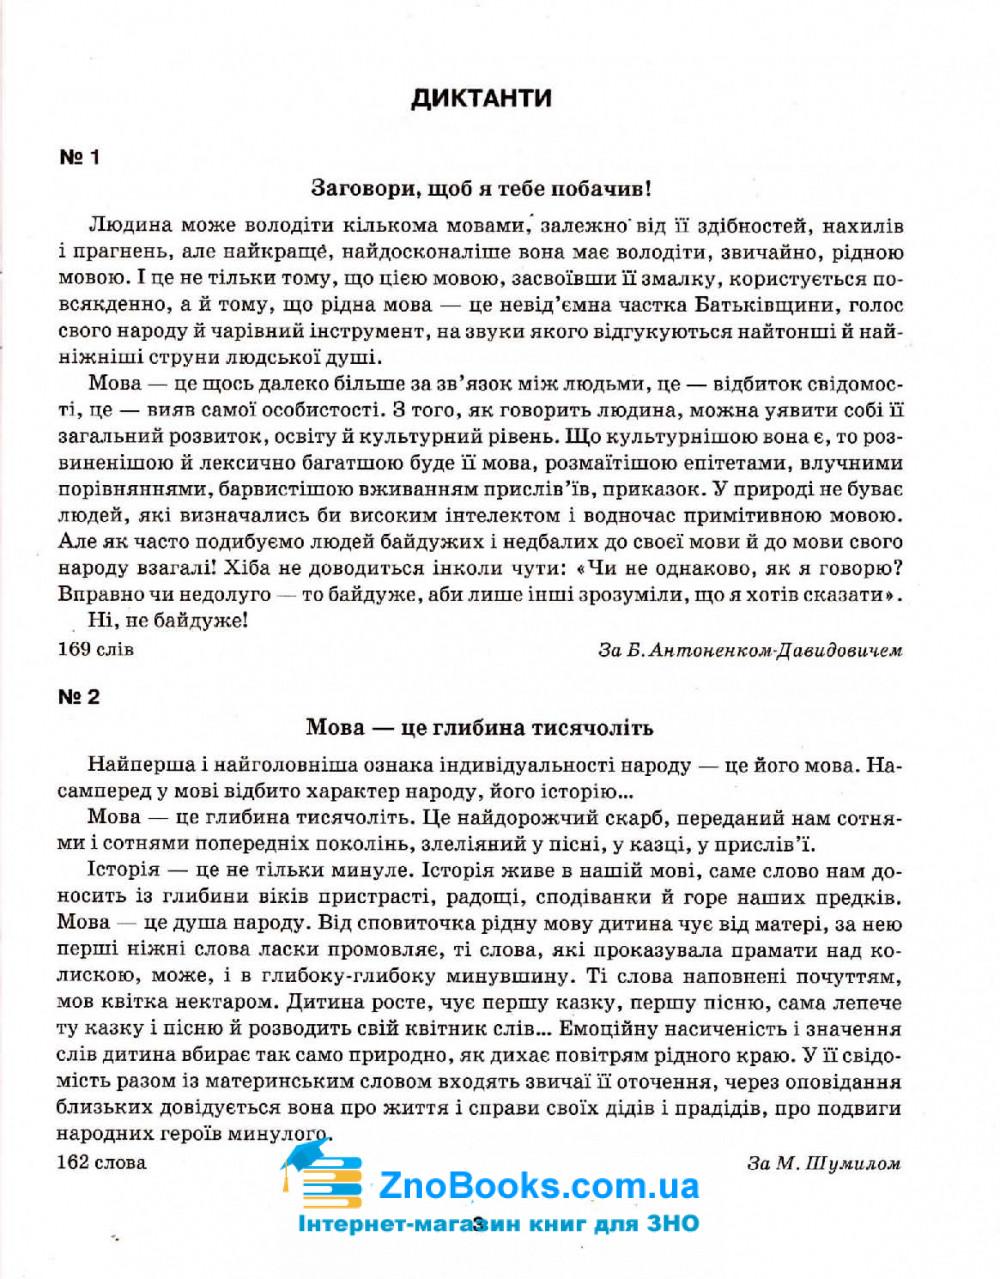 ДПА 2020 Українська мова (Єременко) 9 клас. Збірник диктантів для ДПА. Освіта купити 4